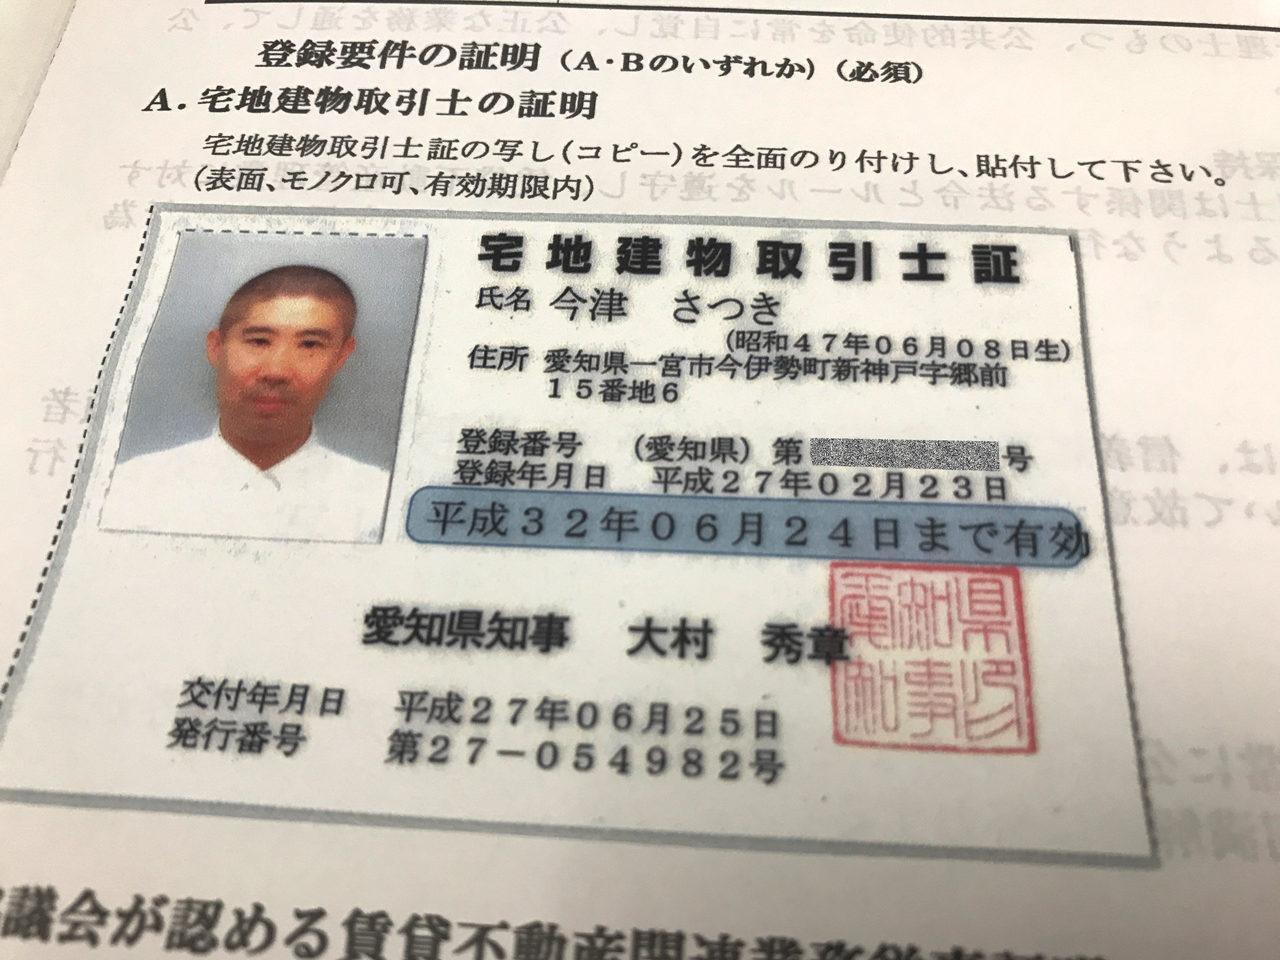 賃貸不動産経営管理士申込には宅地建物取引士証のコピーが必要|愛知県一宮市